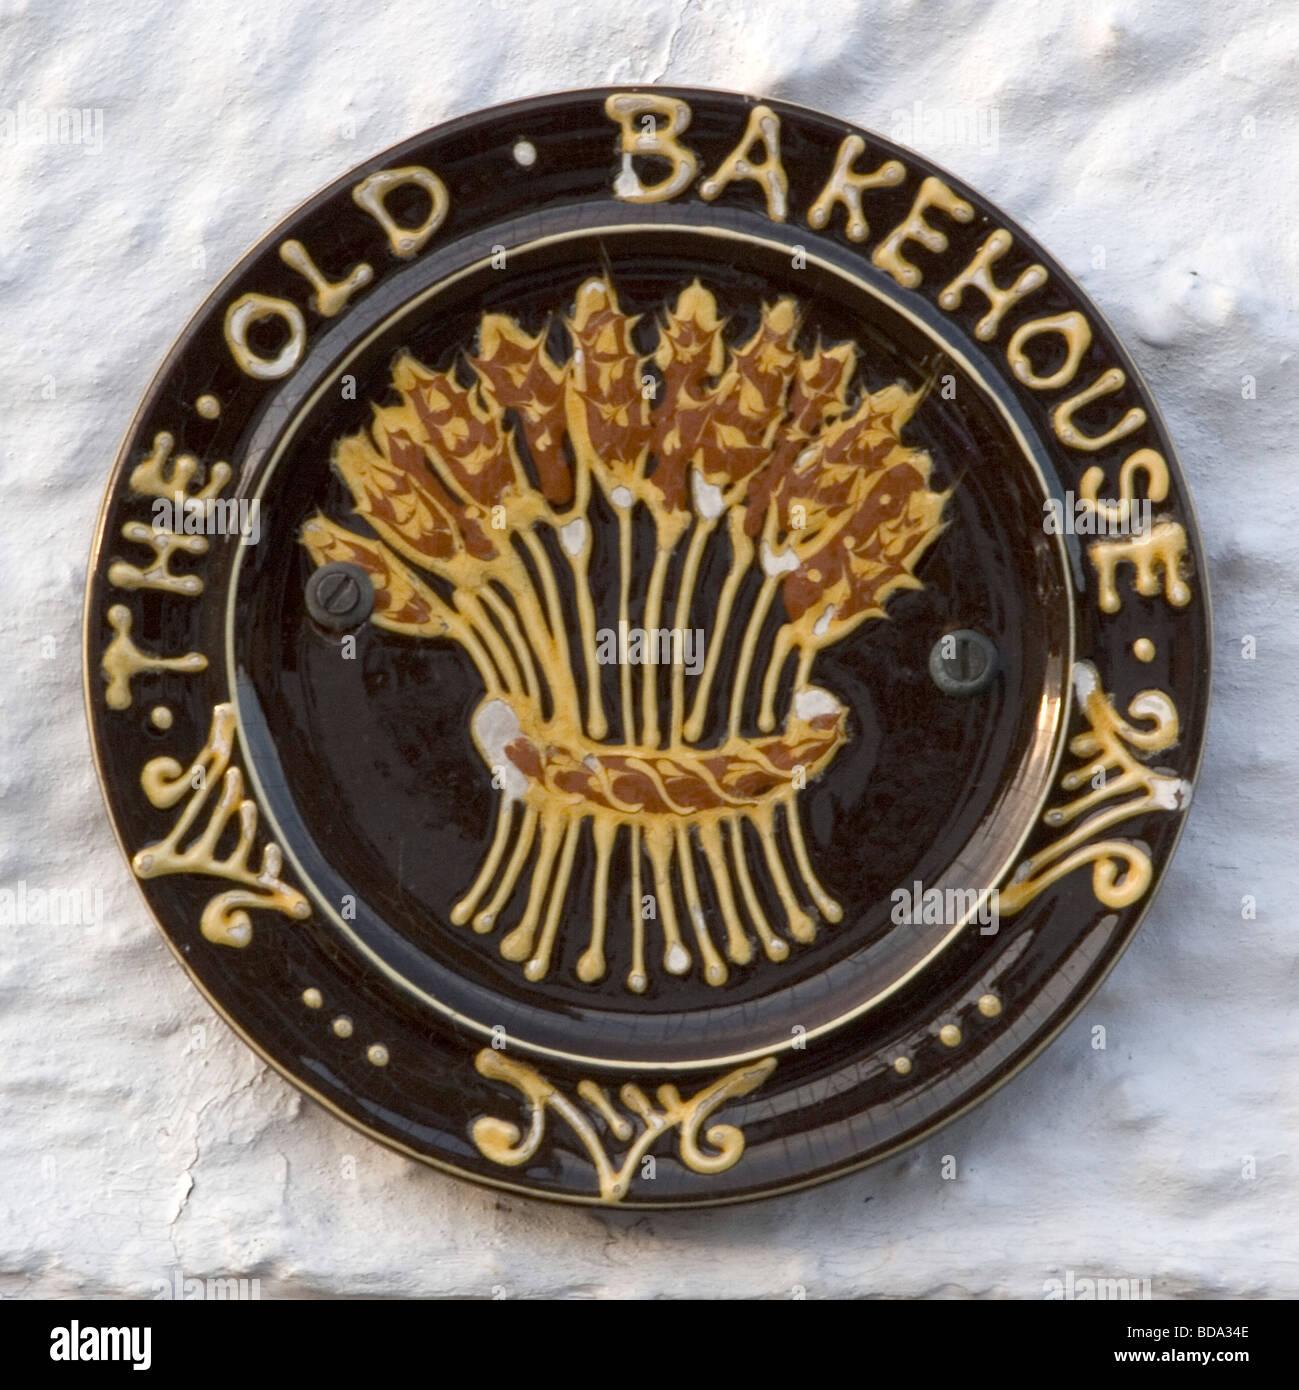 Kimbolton village old bakehouse sign, Cambridgeshire, East Anglia, UK, Europe - Stock Image